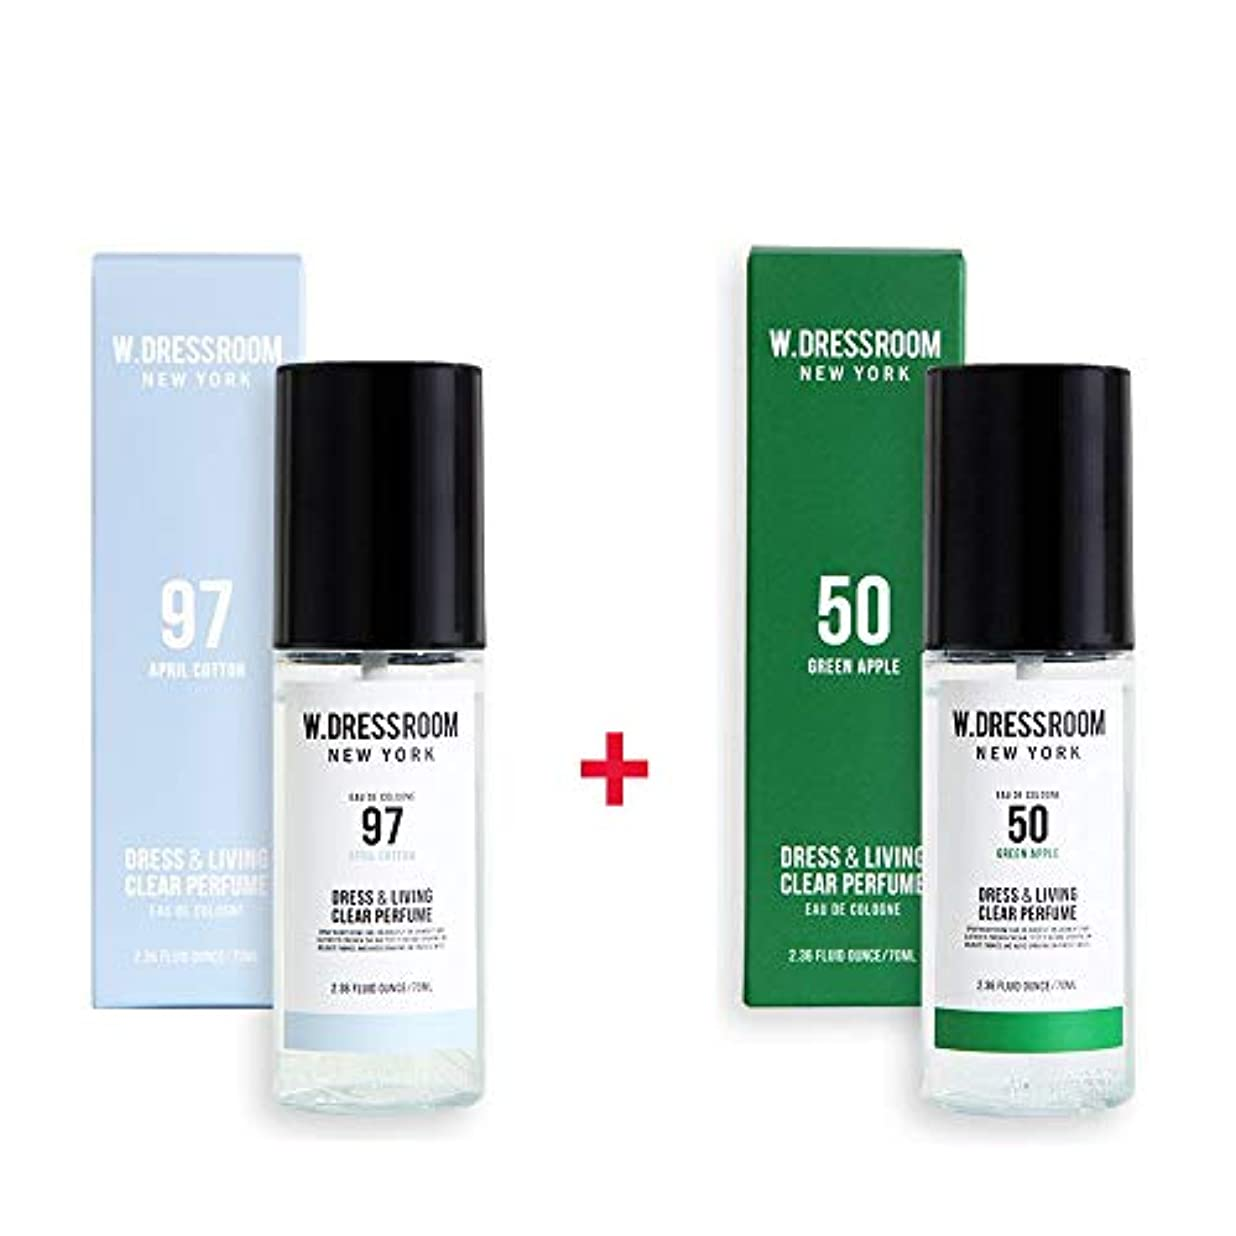 誇りに思うマニュアル回答W.DRESSROOM Dress & Living Clear Perfume 70ml (No 97 April Cotton)+(No 50 Green Apple)